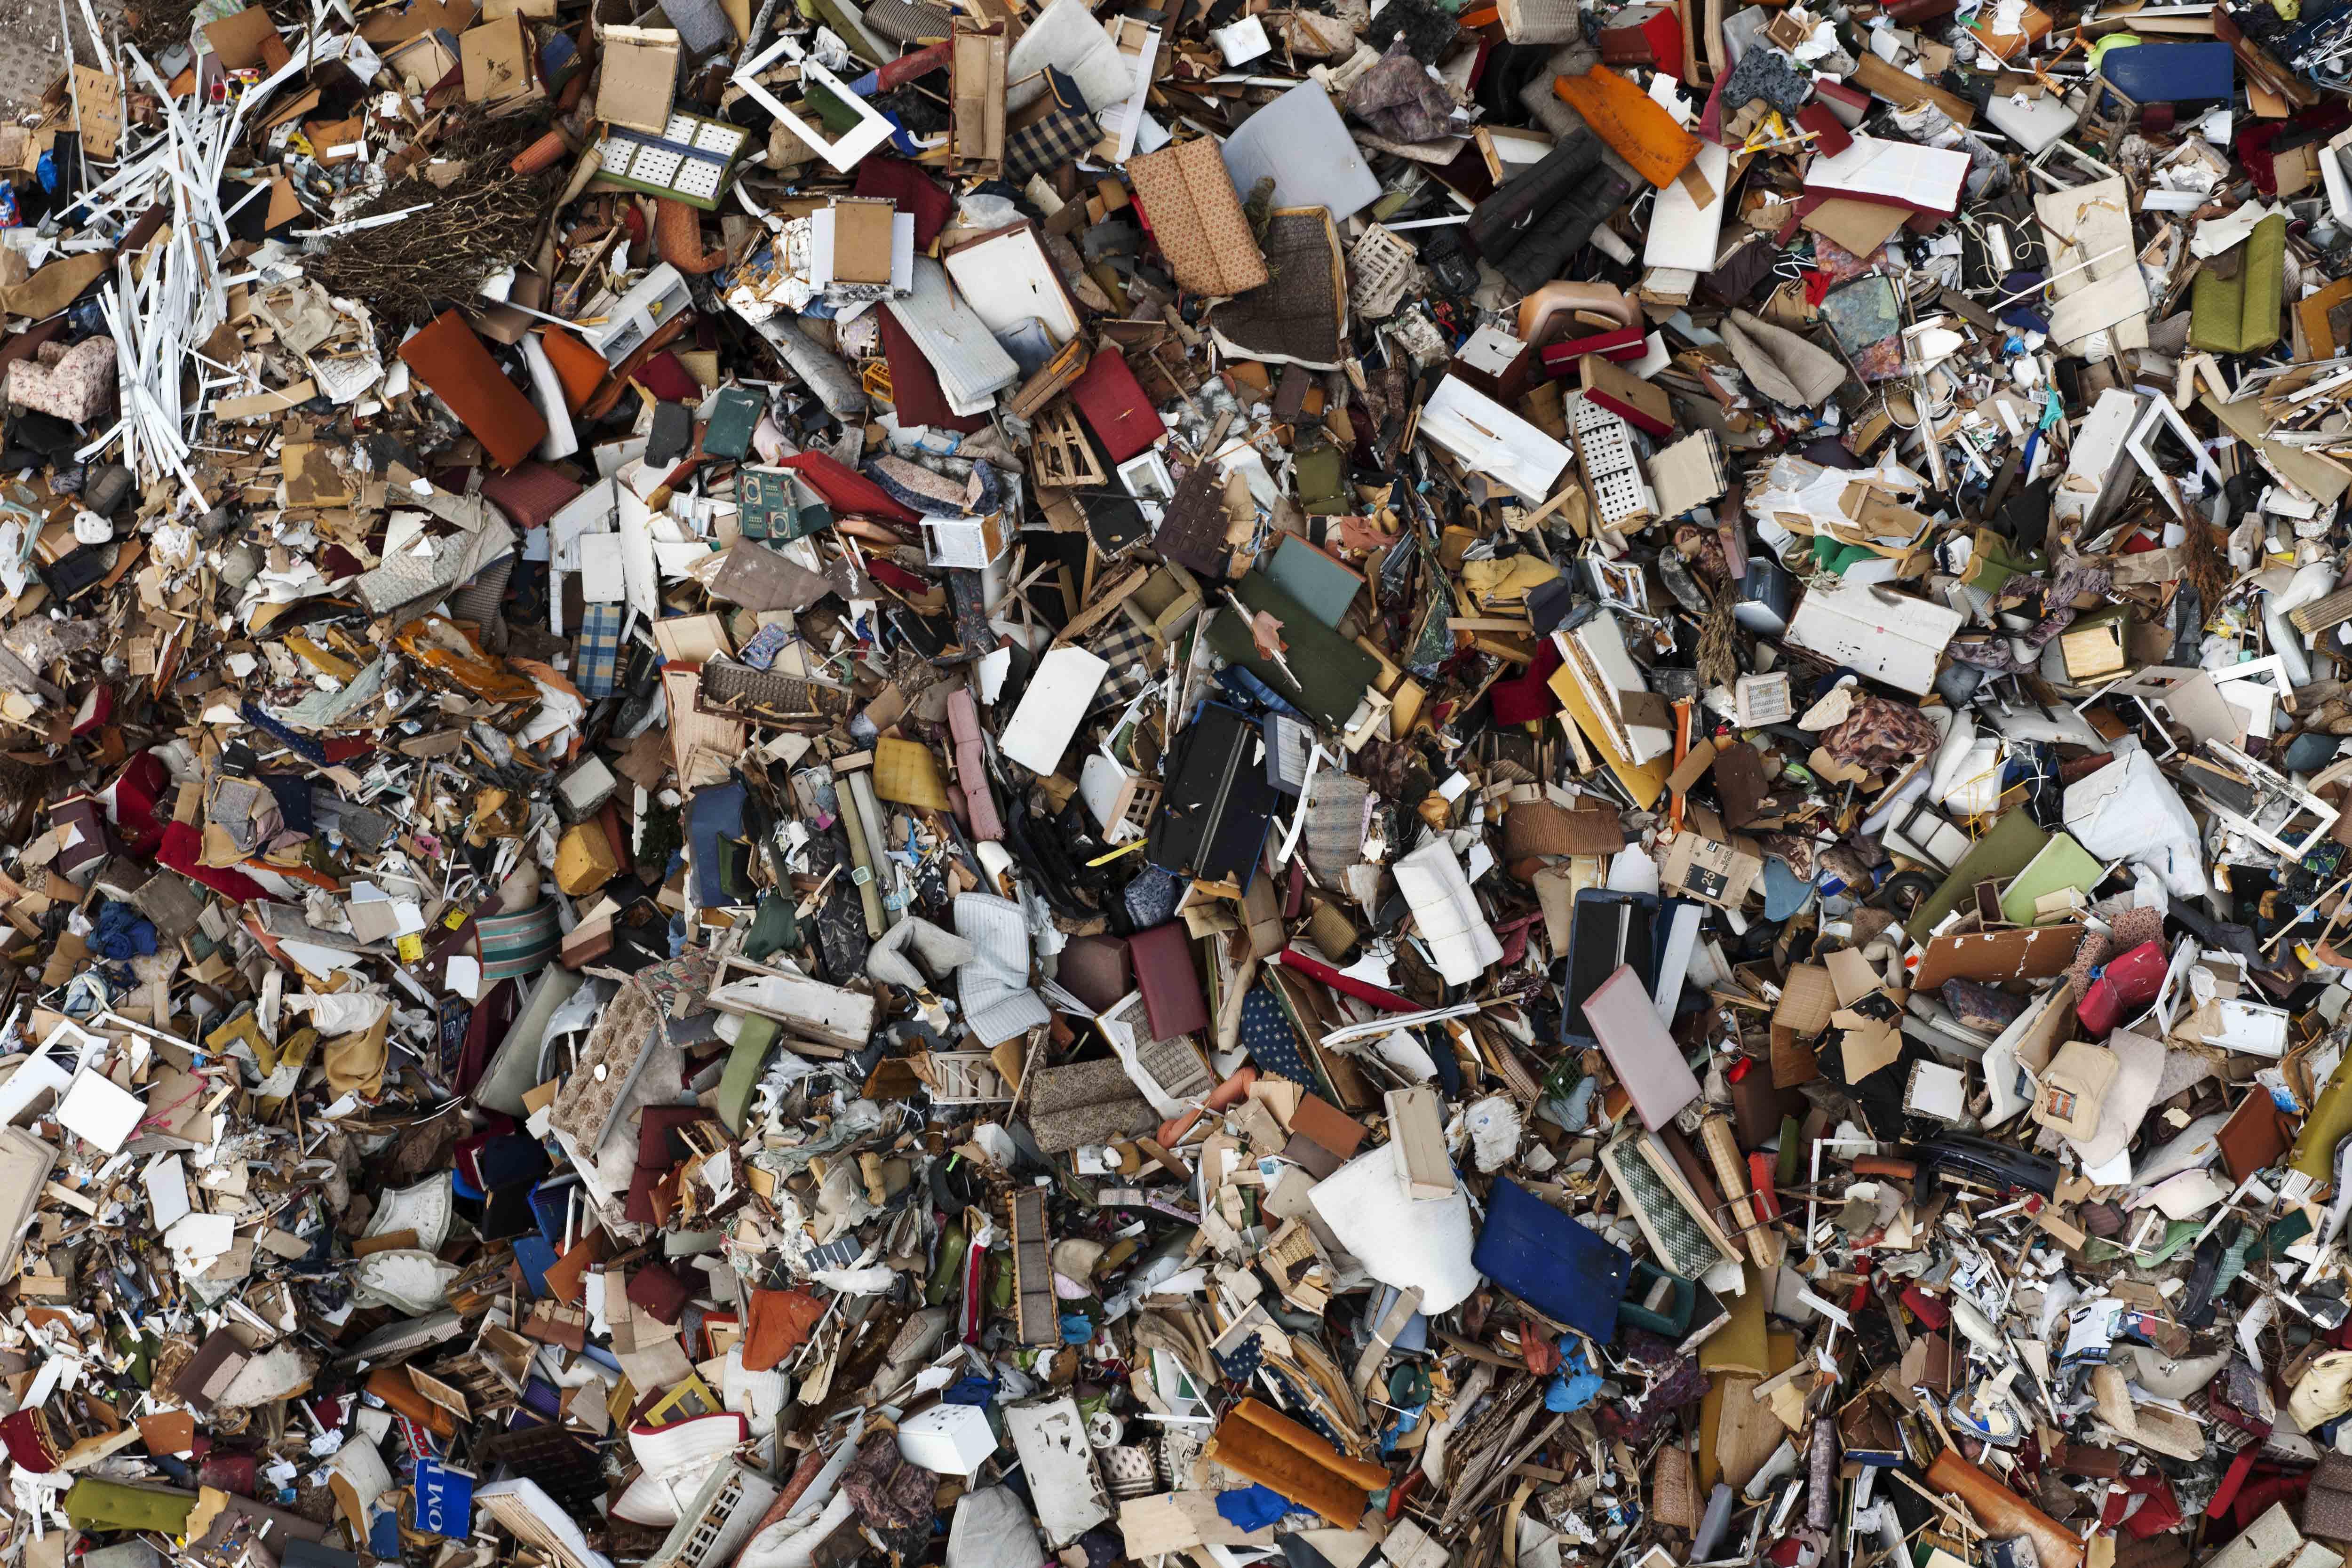 A garbage dump in Gdynia, Poland.